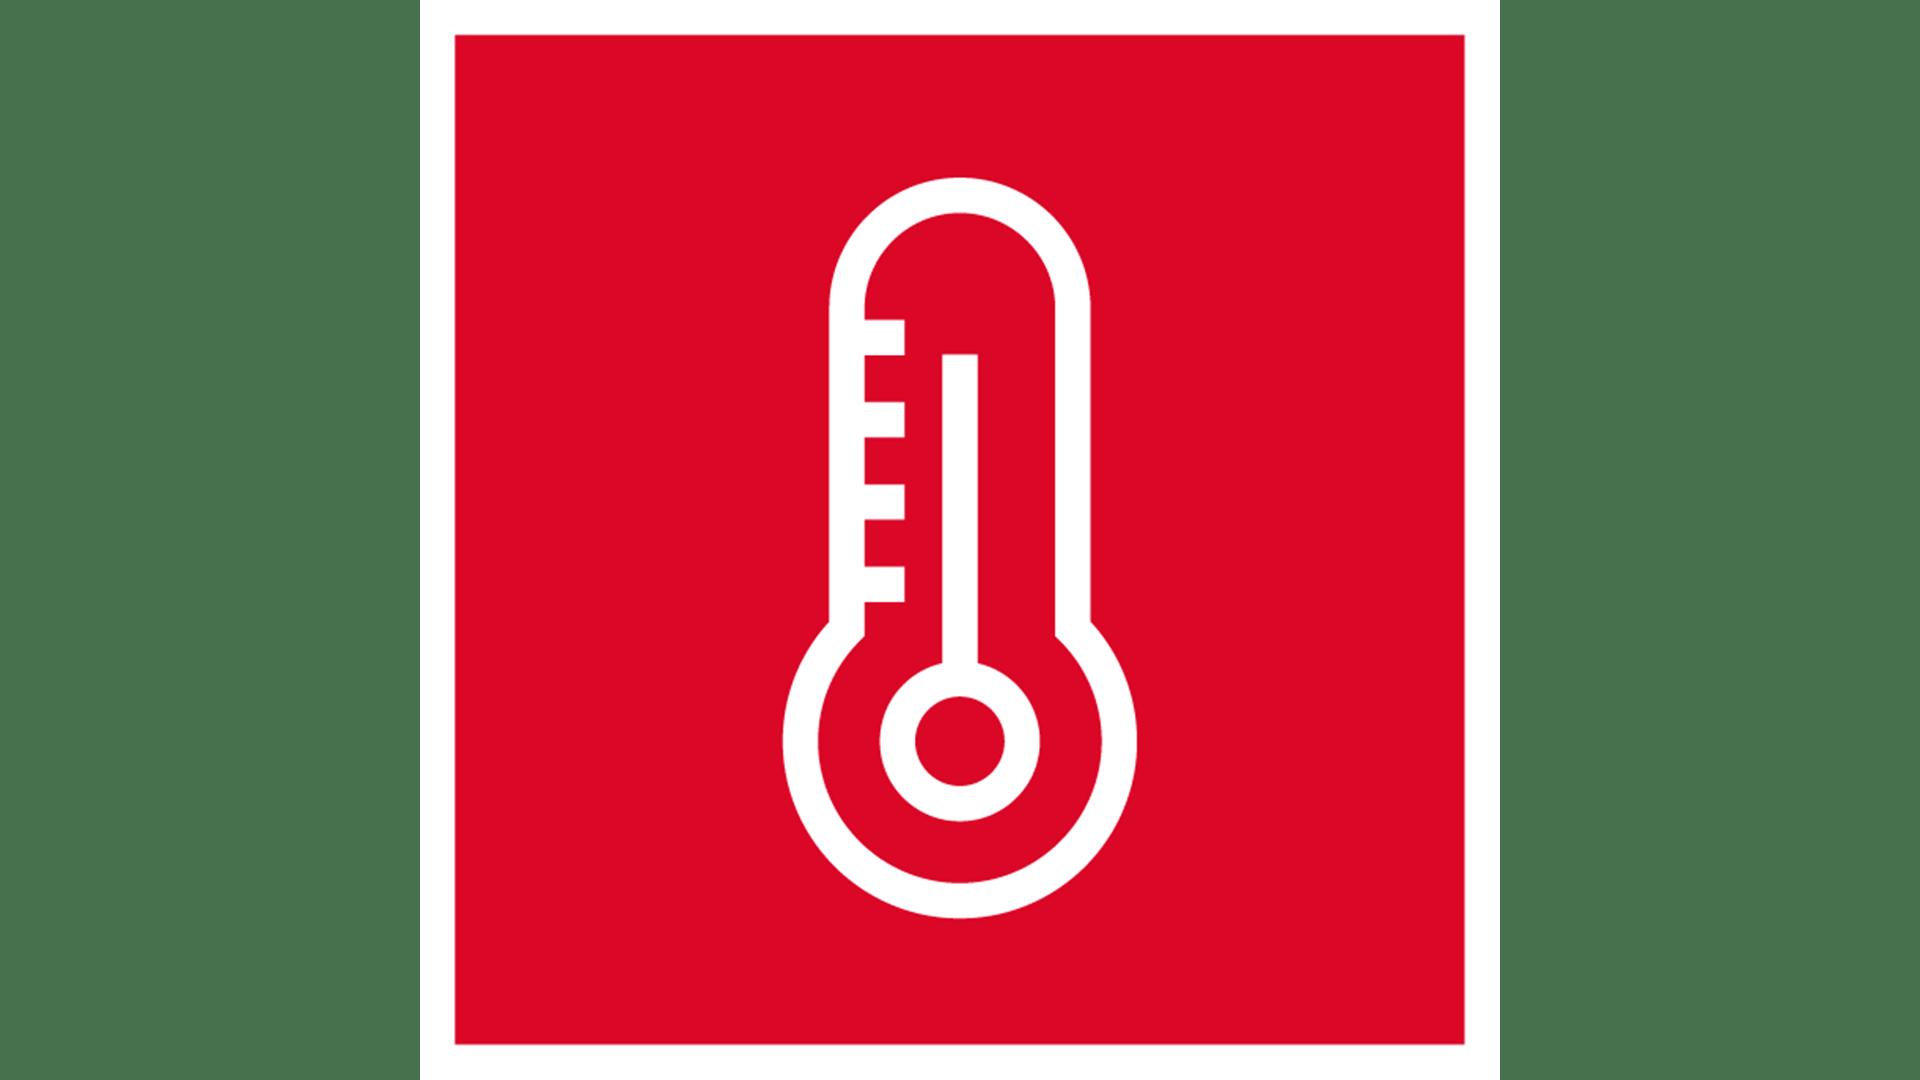 icon, 7 strenghts of stone, white on red background, for website, stärken von steinwolle, weiß auf rot, thermal properties, wärmeschutz, germany